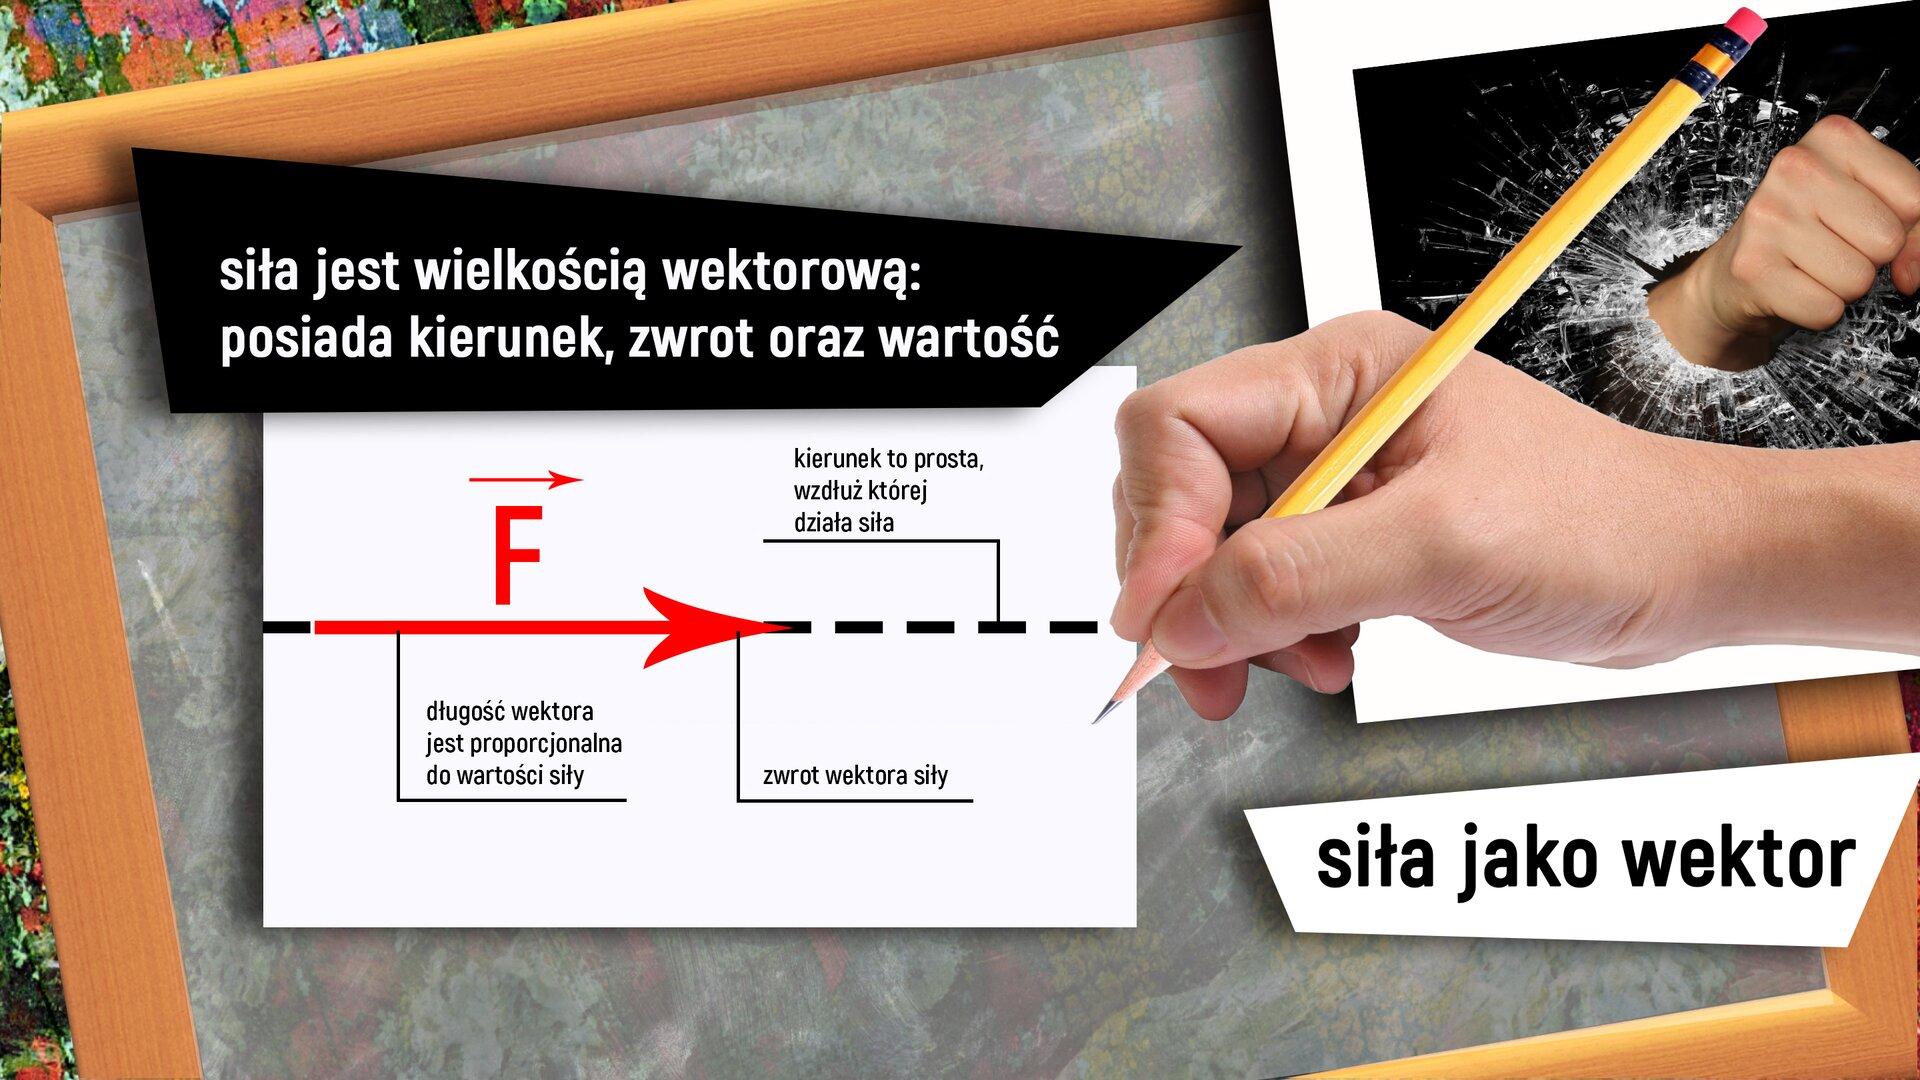 """Ilustracja przedstawia rysunek znajdujący się na szarej tablicy zdrewnianą ramką, opisujący siłę jako wektor. Rysunek przedstawia czerwoną strzałkę biegnącą wkierunku poziomym zgrotem wprawą stronę, adalej przerywaną linię wkolorze czarnym. Na rysunku znajdują się także podpisy: """"długość wektora jest proporcjonalna do wartości siły"""", """"zwrot siły wektora"""", """"kierunek to prosta, wzdłuż której działa siła"""". Wlewym górnym rogu jest napis: """"siła jest wielkością wektorową: posiada kierunek, zwrot oraz wartość"""". Po prawej stronie znajduje się prawa dłoń, wktórej jest ołówek, apod nią napis: """"siła jako wektor"""". Wprawym górnym rogu znajduje się obraz ilustrujący siłę – pięść przebijająca szybę."""